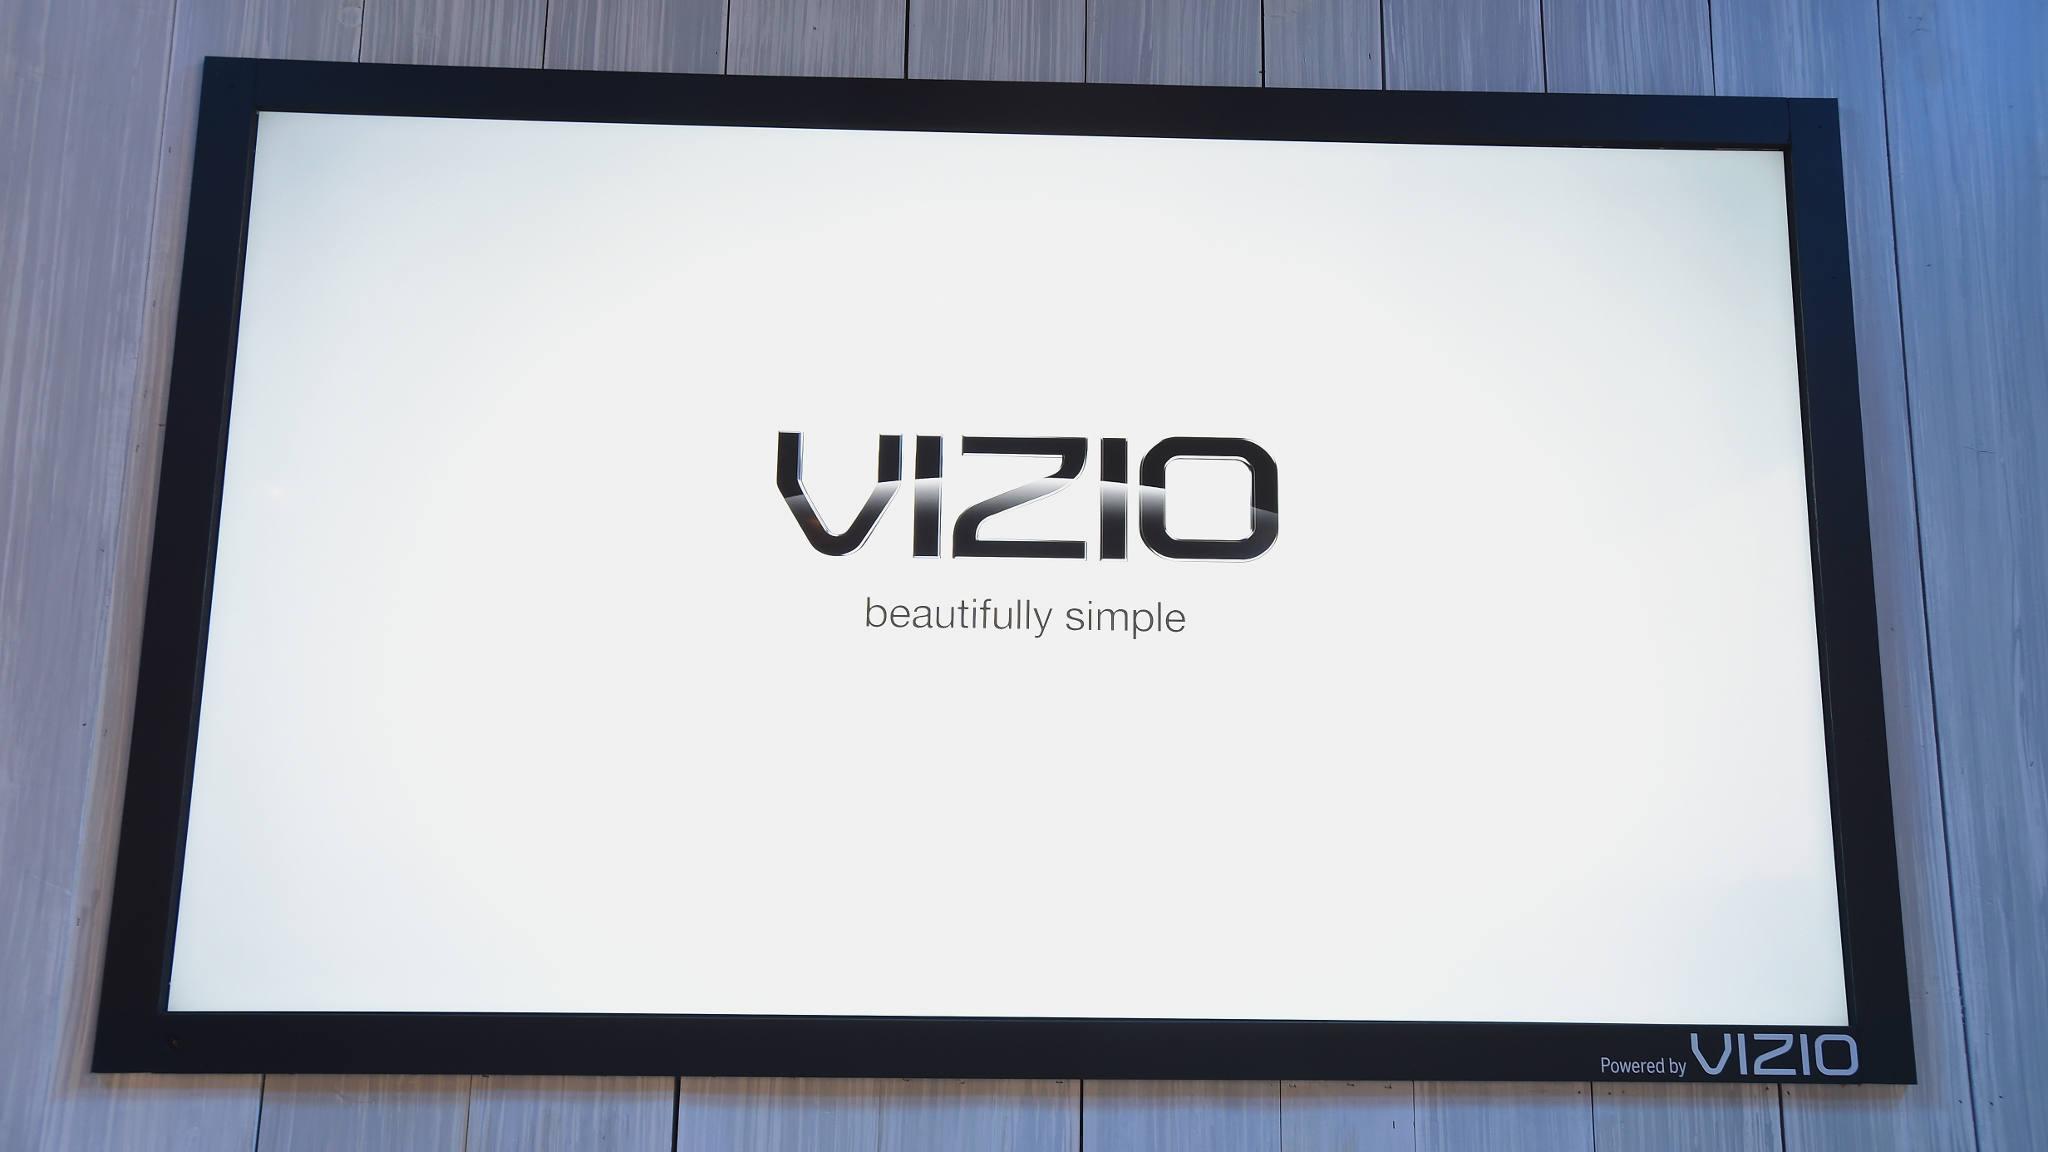 富士康7000万美元参股美电视品牌Vizio 意在代工合作